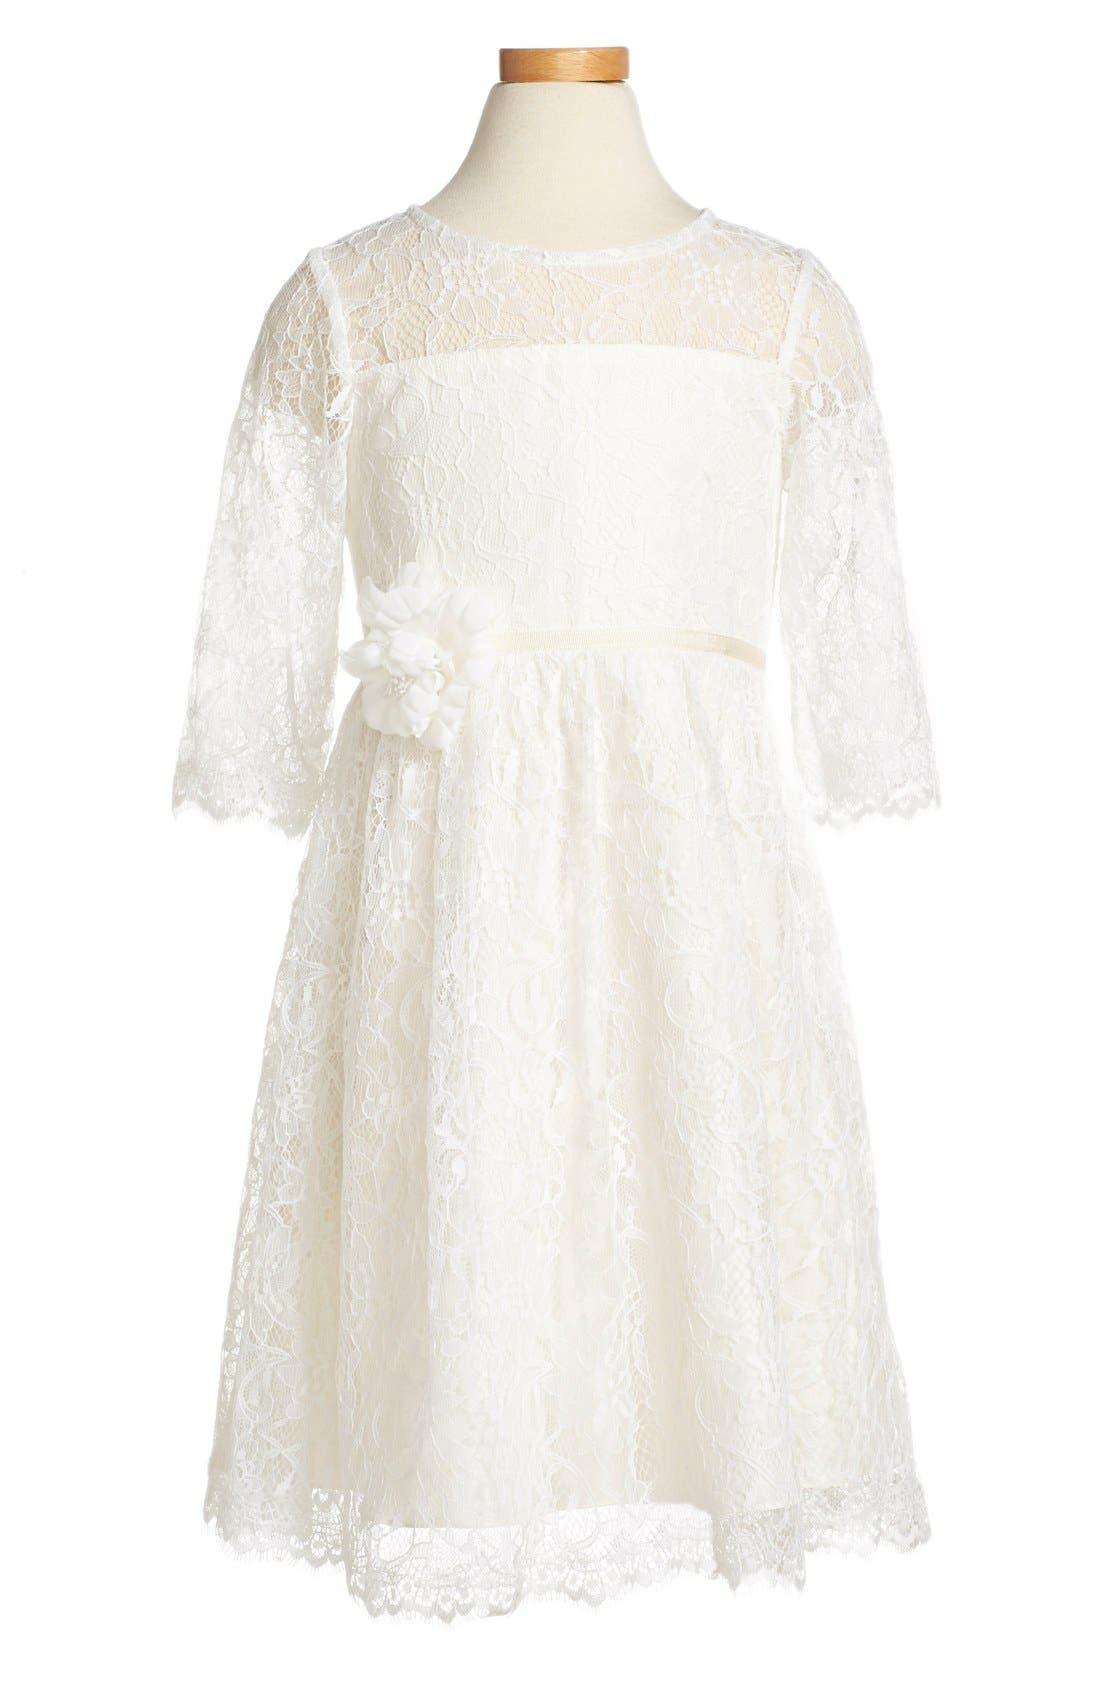 Annie Floral Appliqué Lace Dress,                             Alternate thumbnail 5, color,                             900